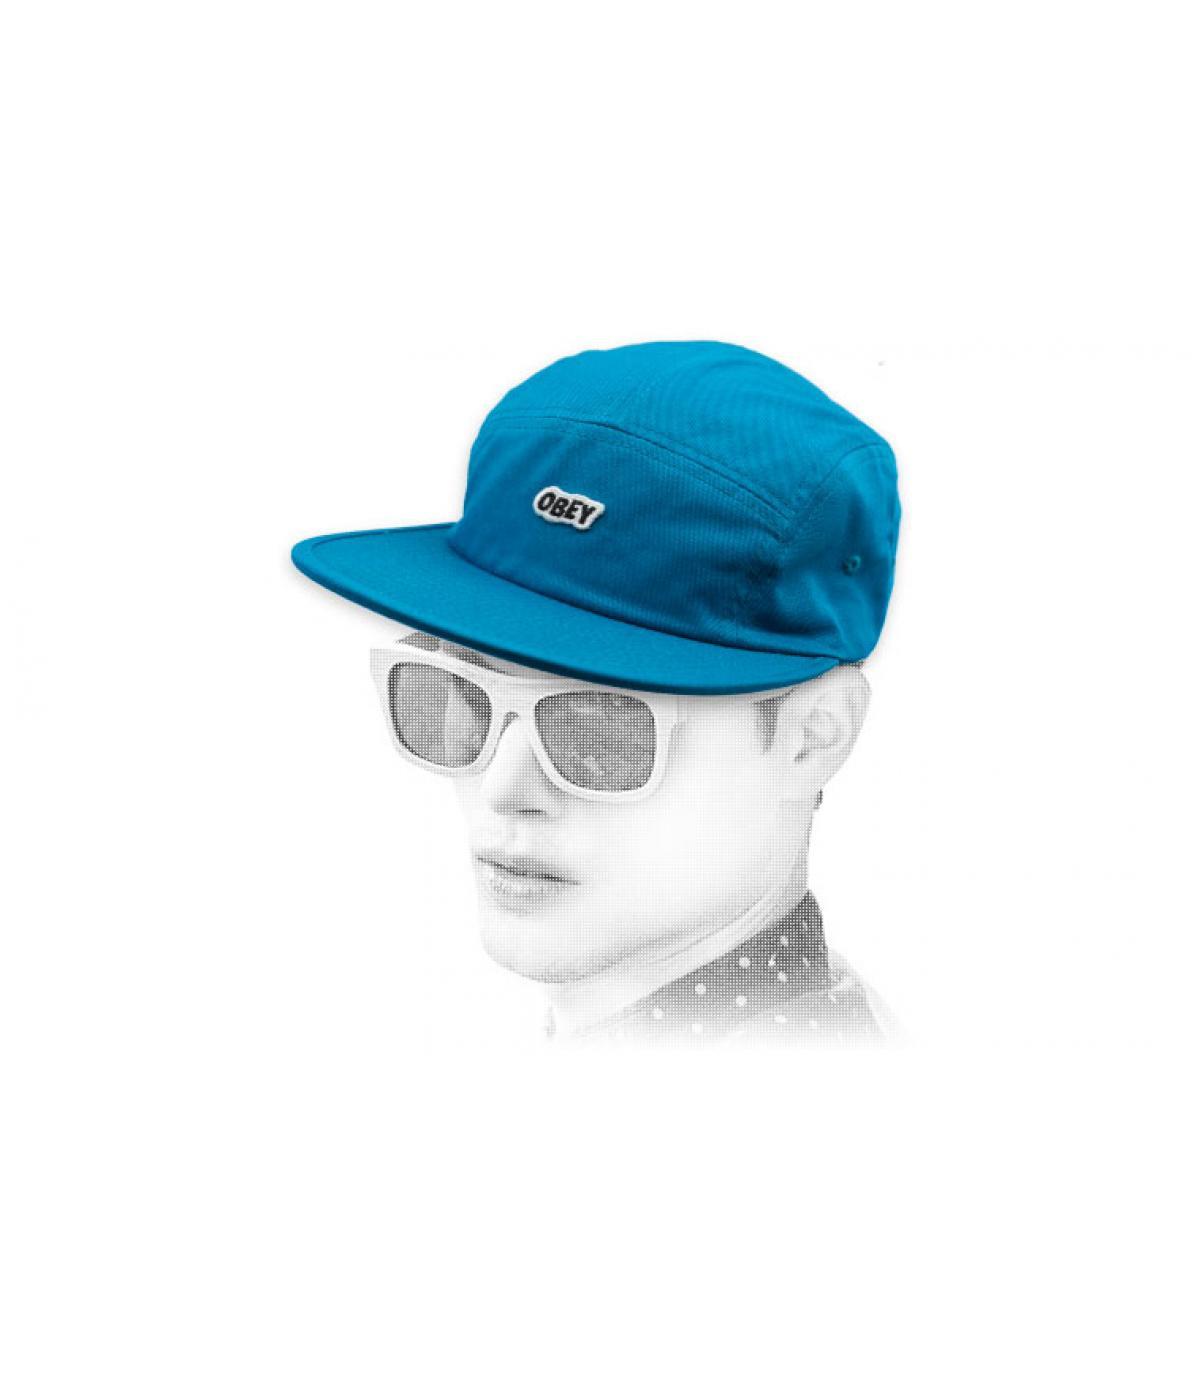 Obey GLB 5 blauw paneel